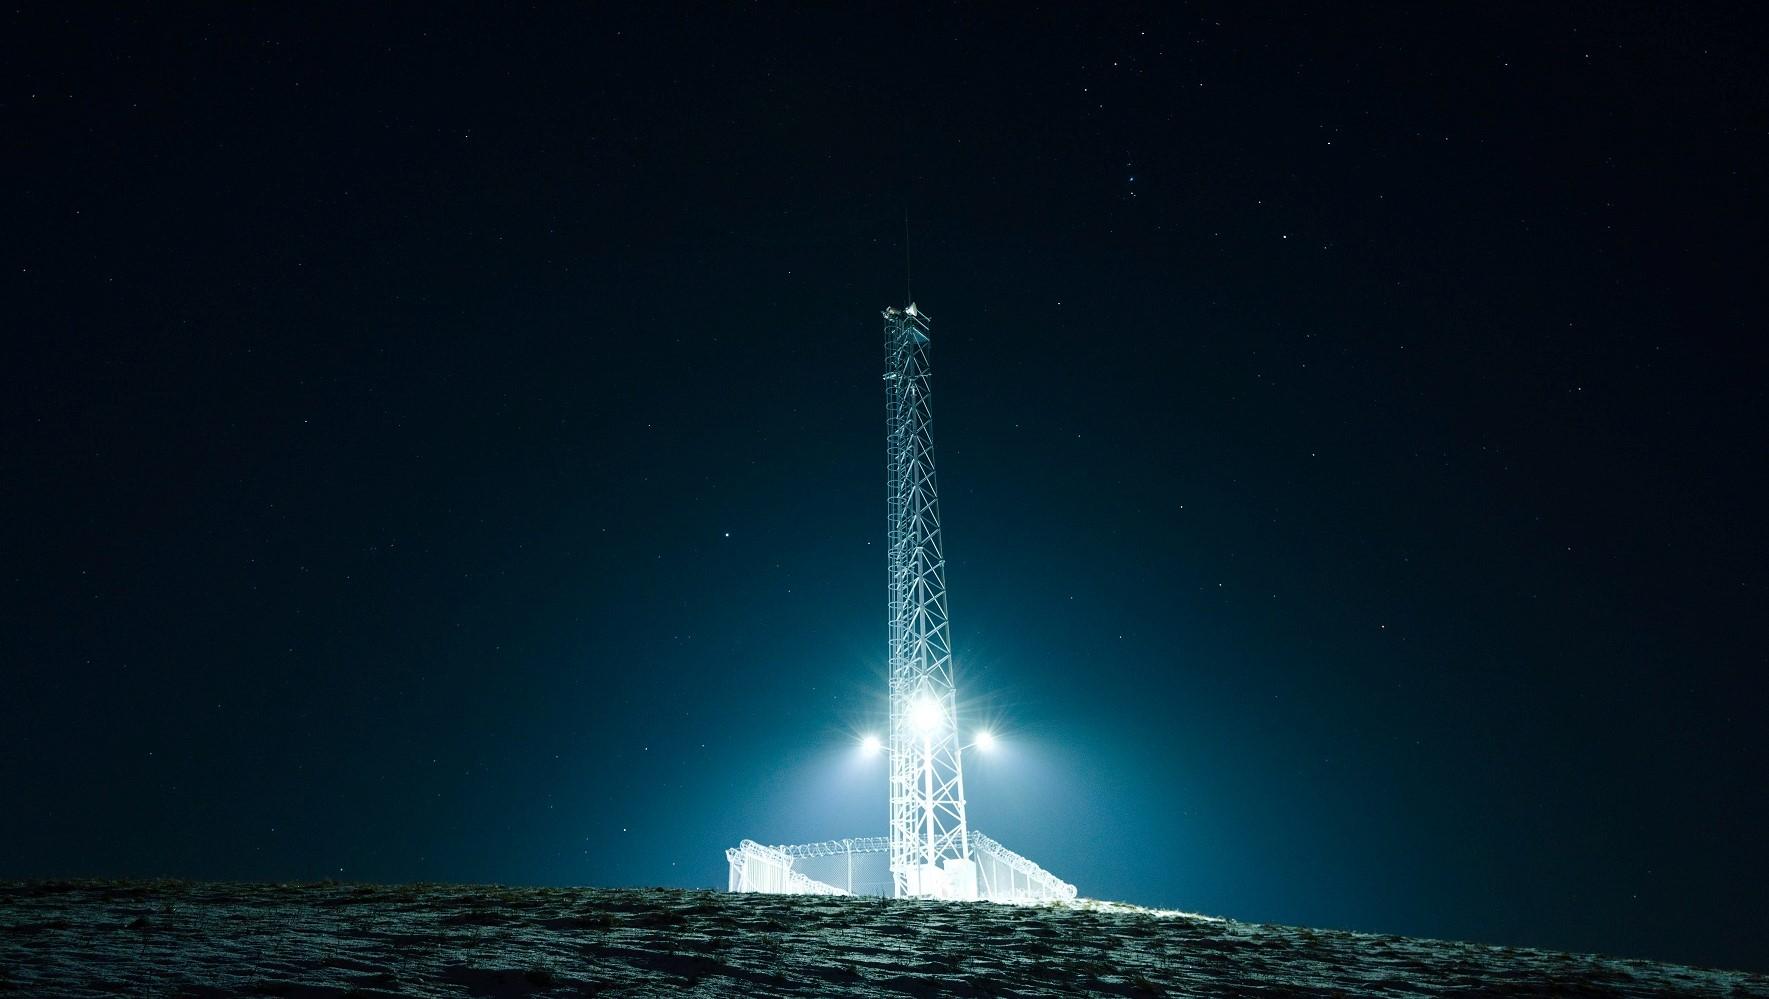 Zobacz nowoczesne wieże obserwacyjne na podkarpackim odcinku granicy [ZDJĘCIA+FILM] - Zdjęcie główne